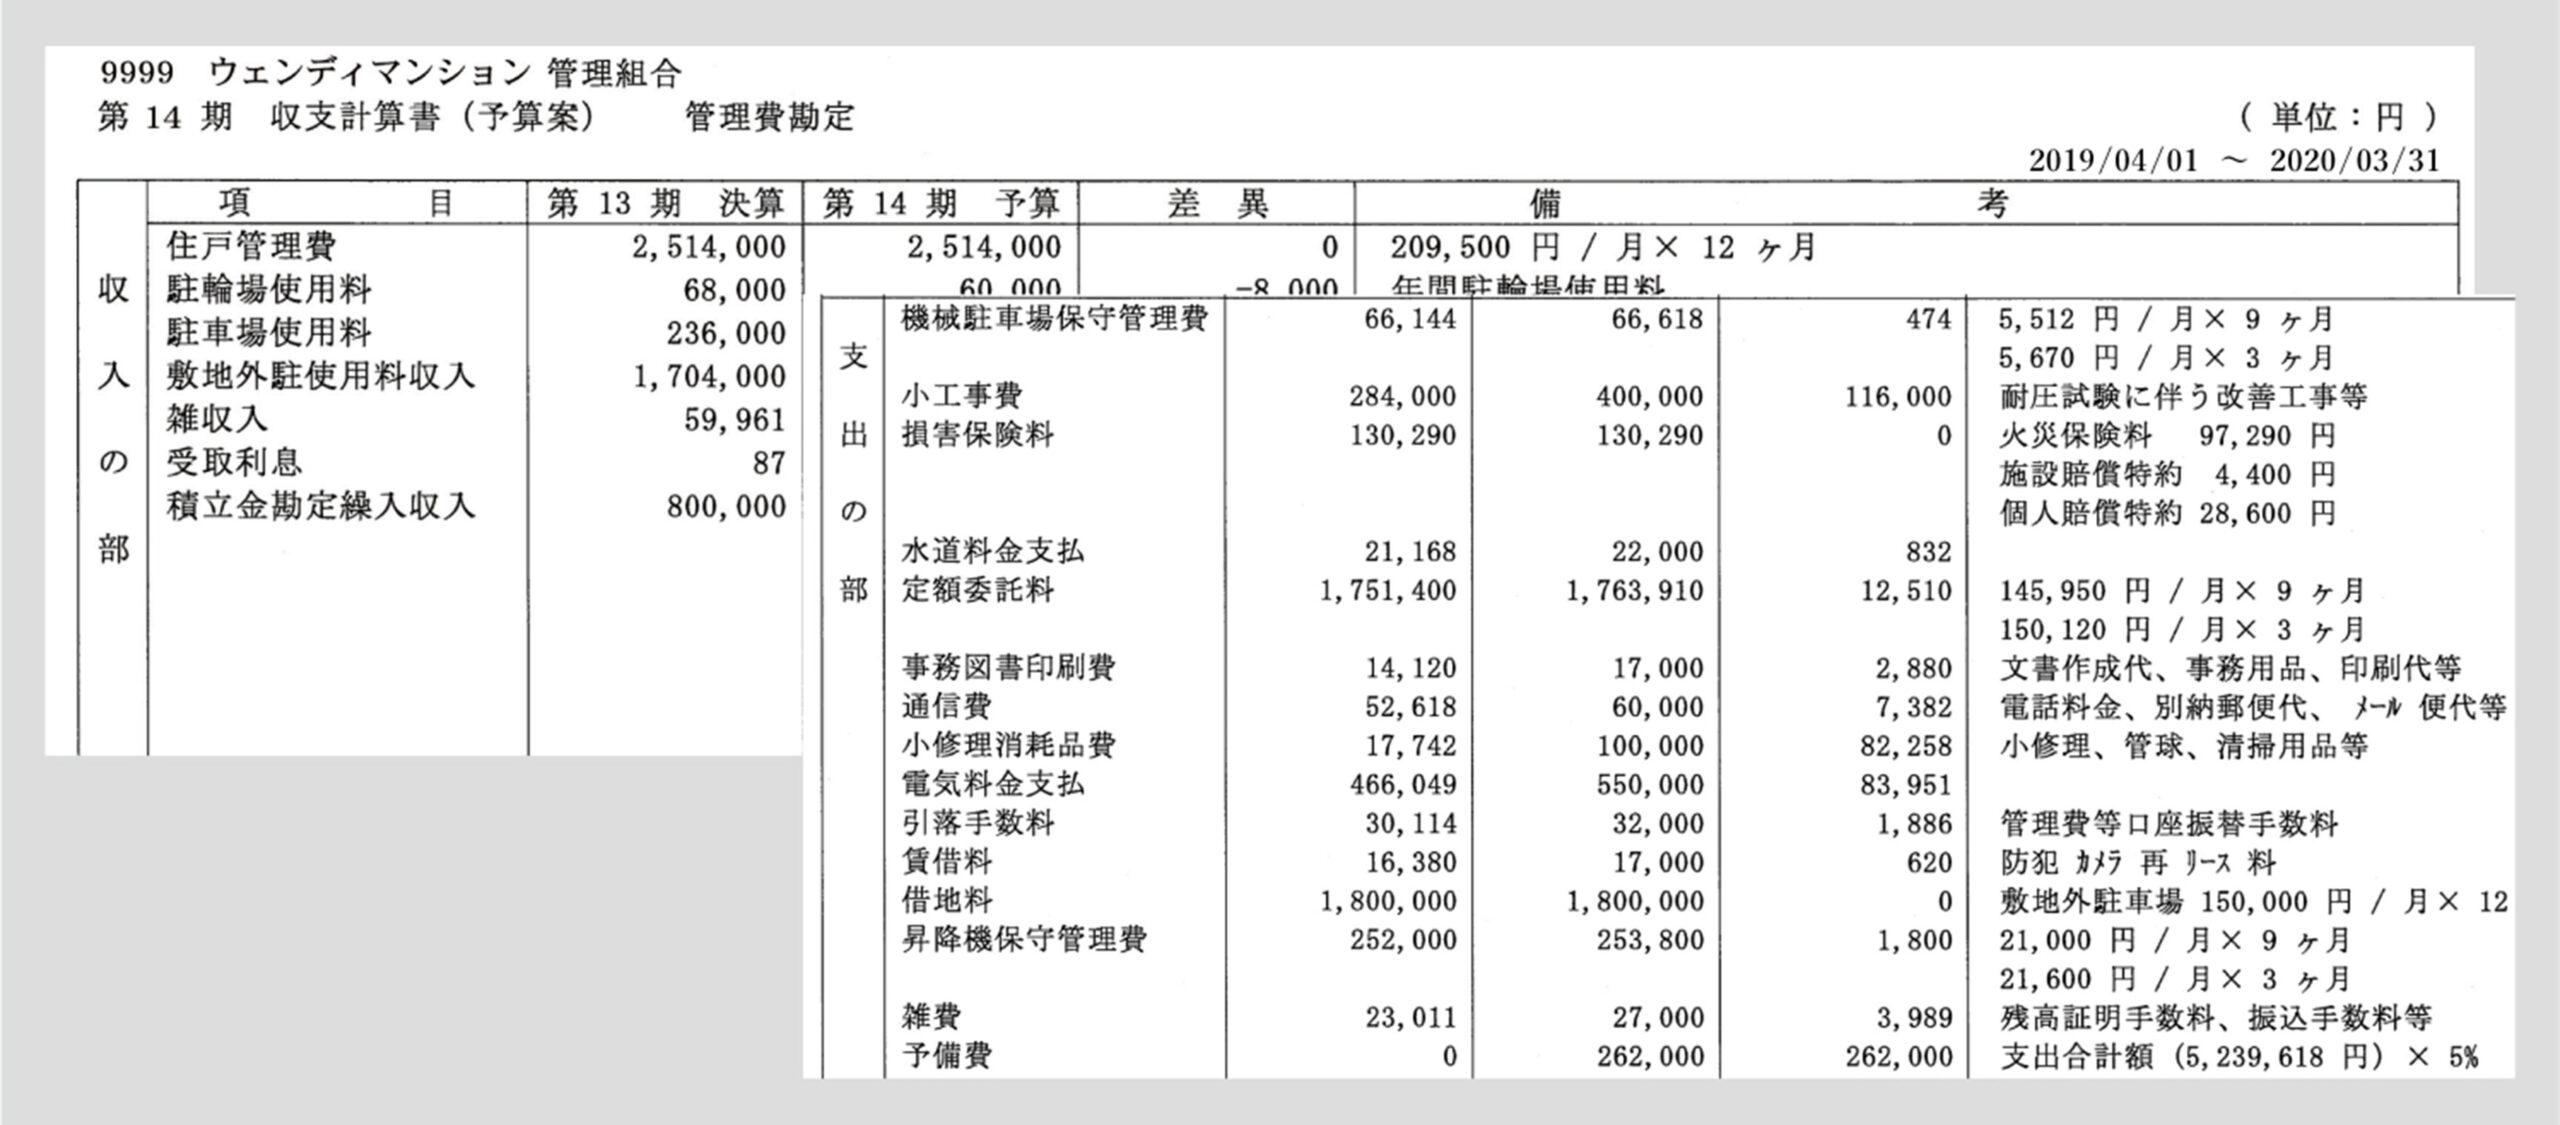 収支予算の立案